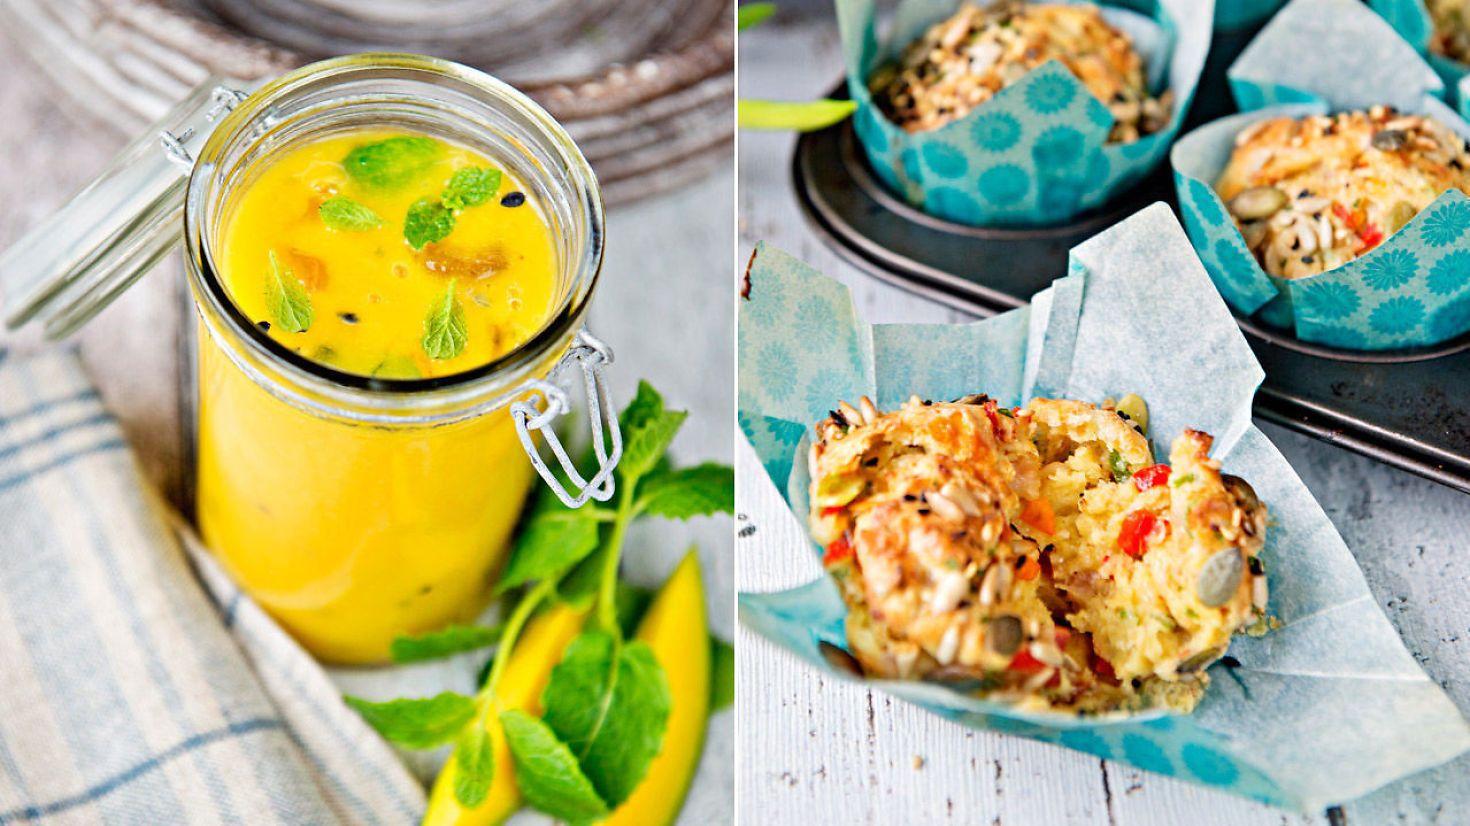 Fra ostesmørbrød til smoothie - få deilige tips til påskefrokosten